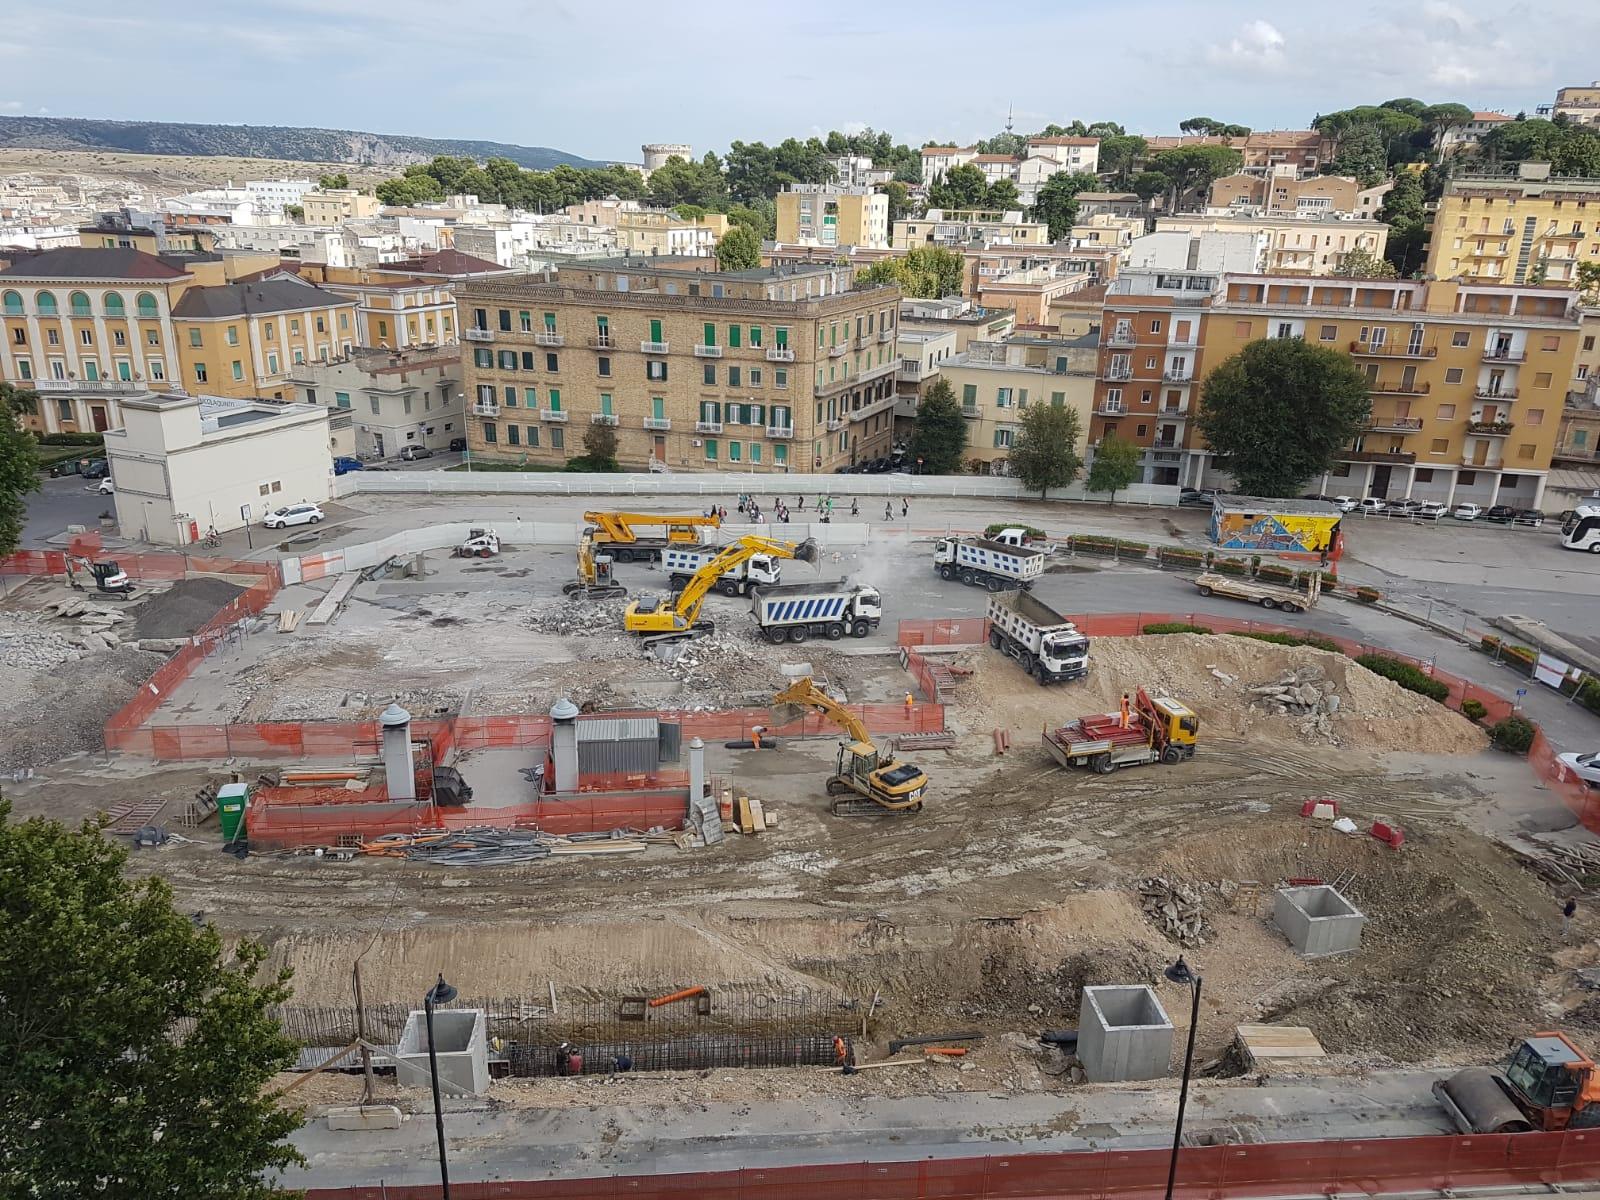 MATERA Centrale_Aggiornamento cantiere 6 agosto_bird view